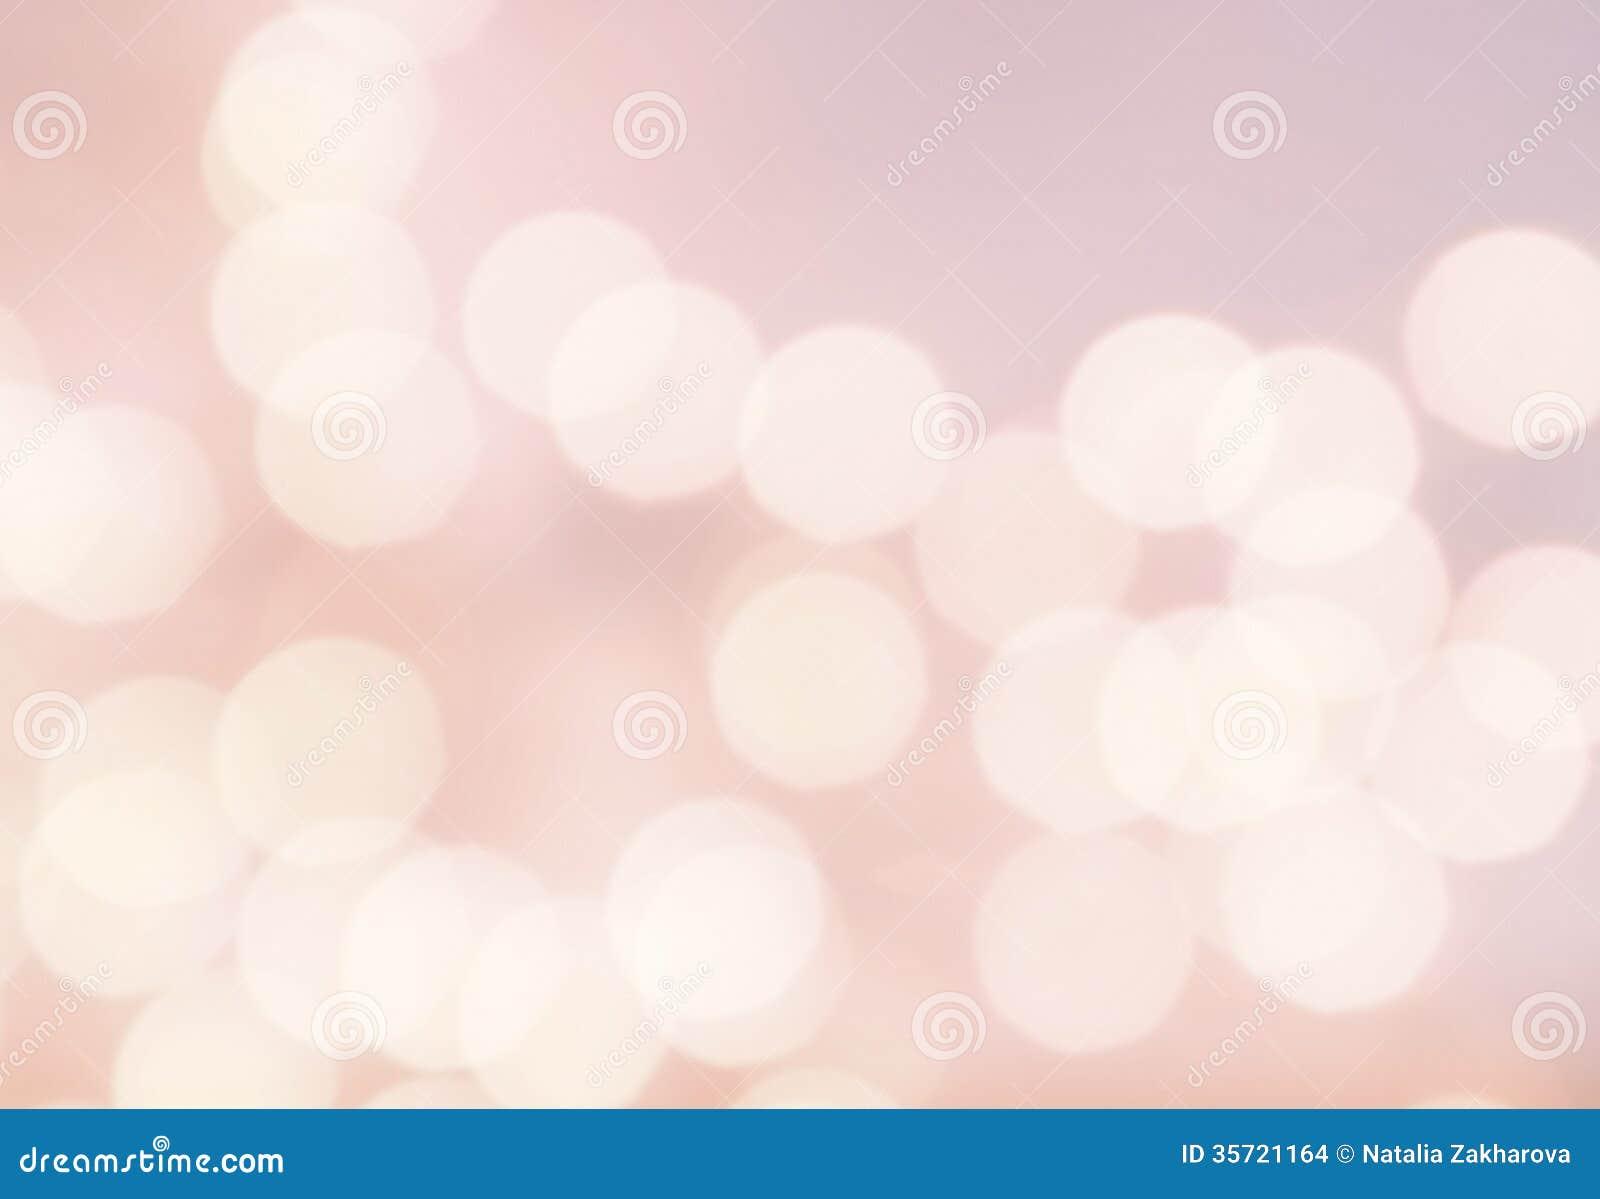 Bokeh lichte Uitstekende achtergrond. Heldere roze kleur. Abstracte natu